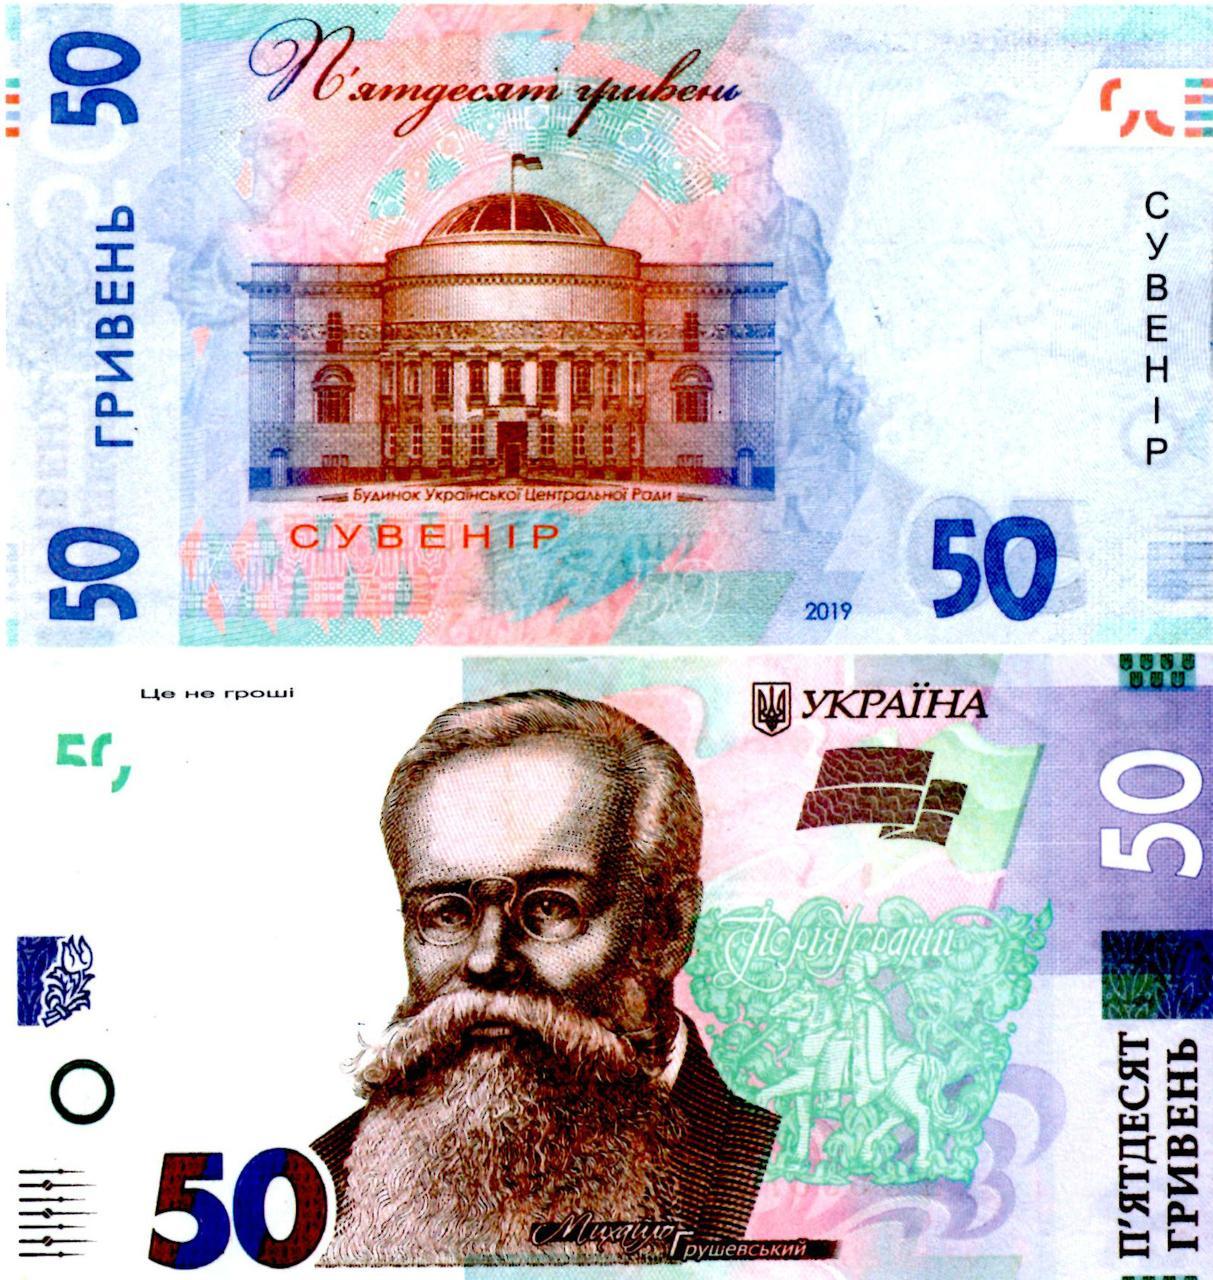 Деньги сувенирные 50 гривен нового образца, 80 шт/уп